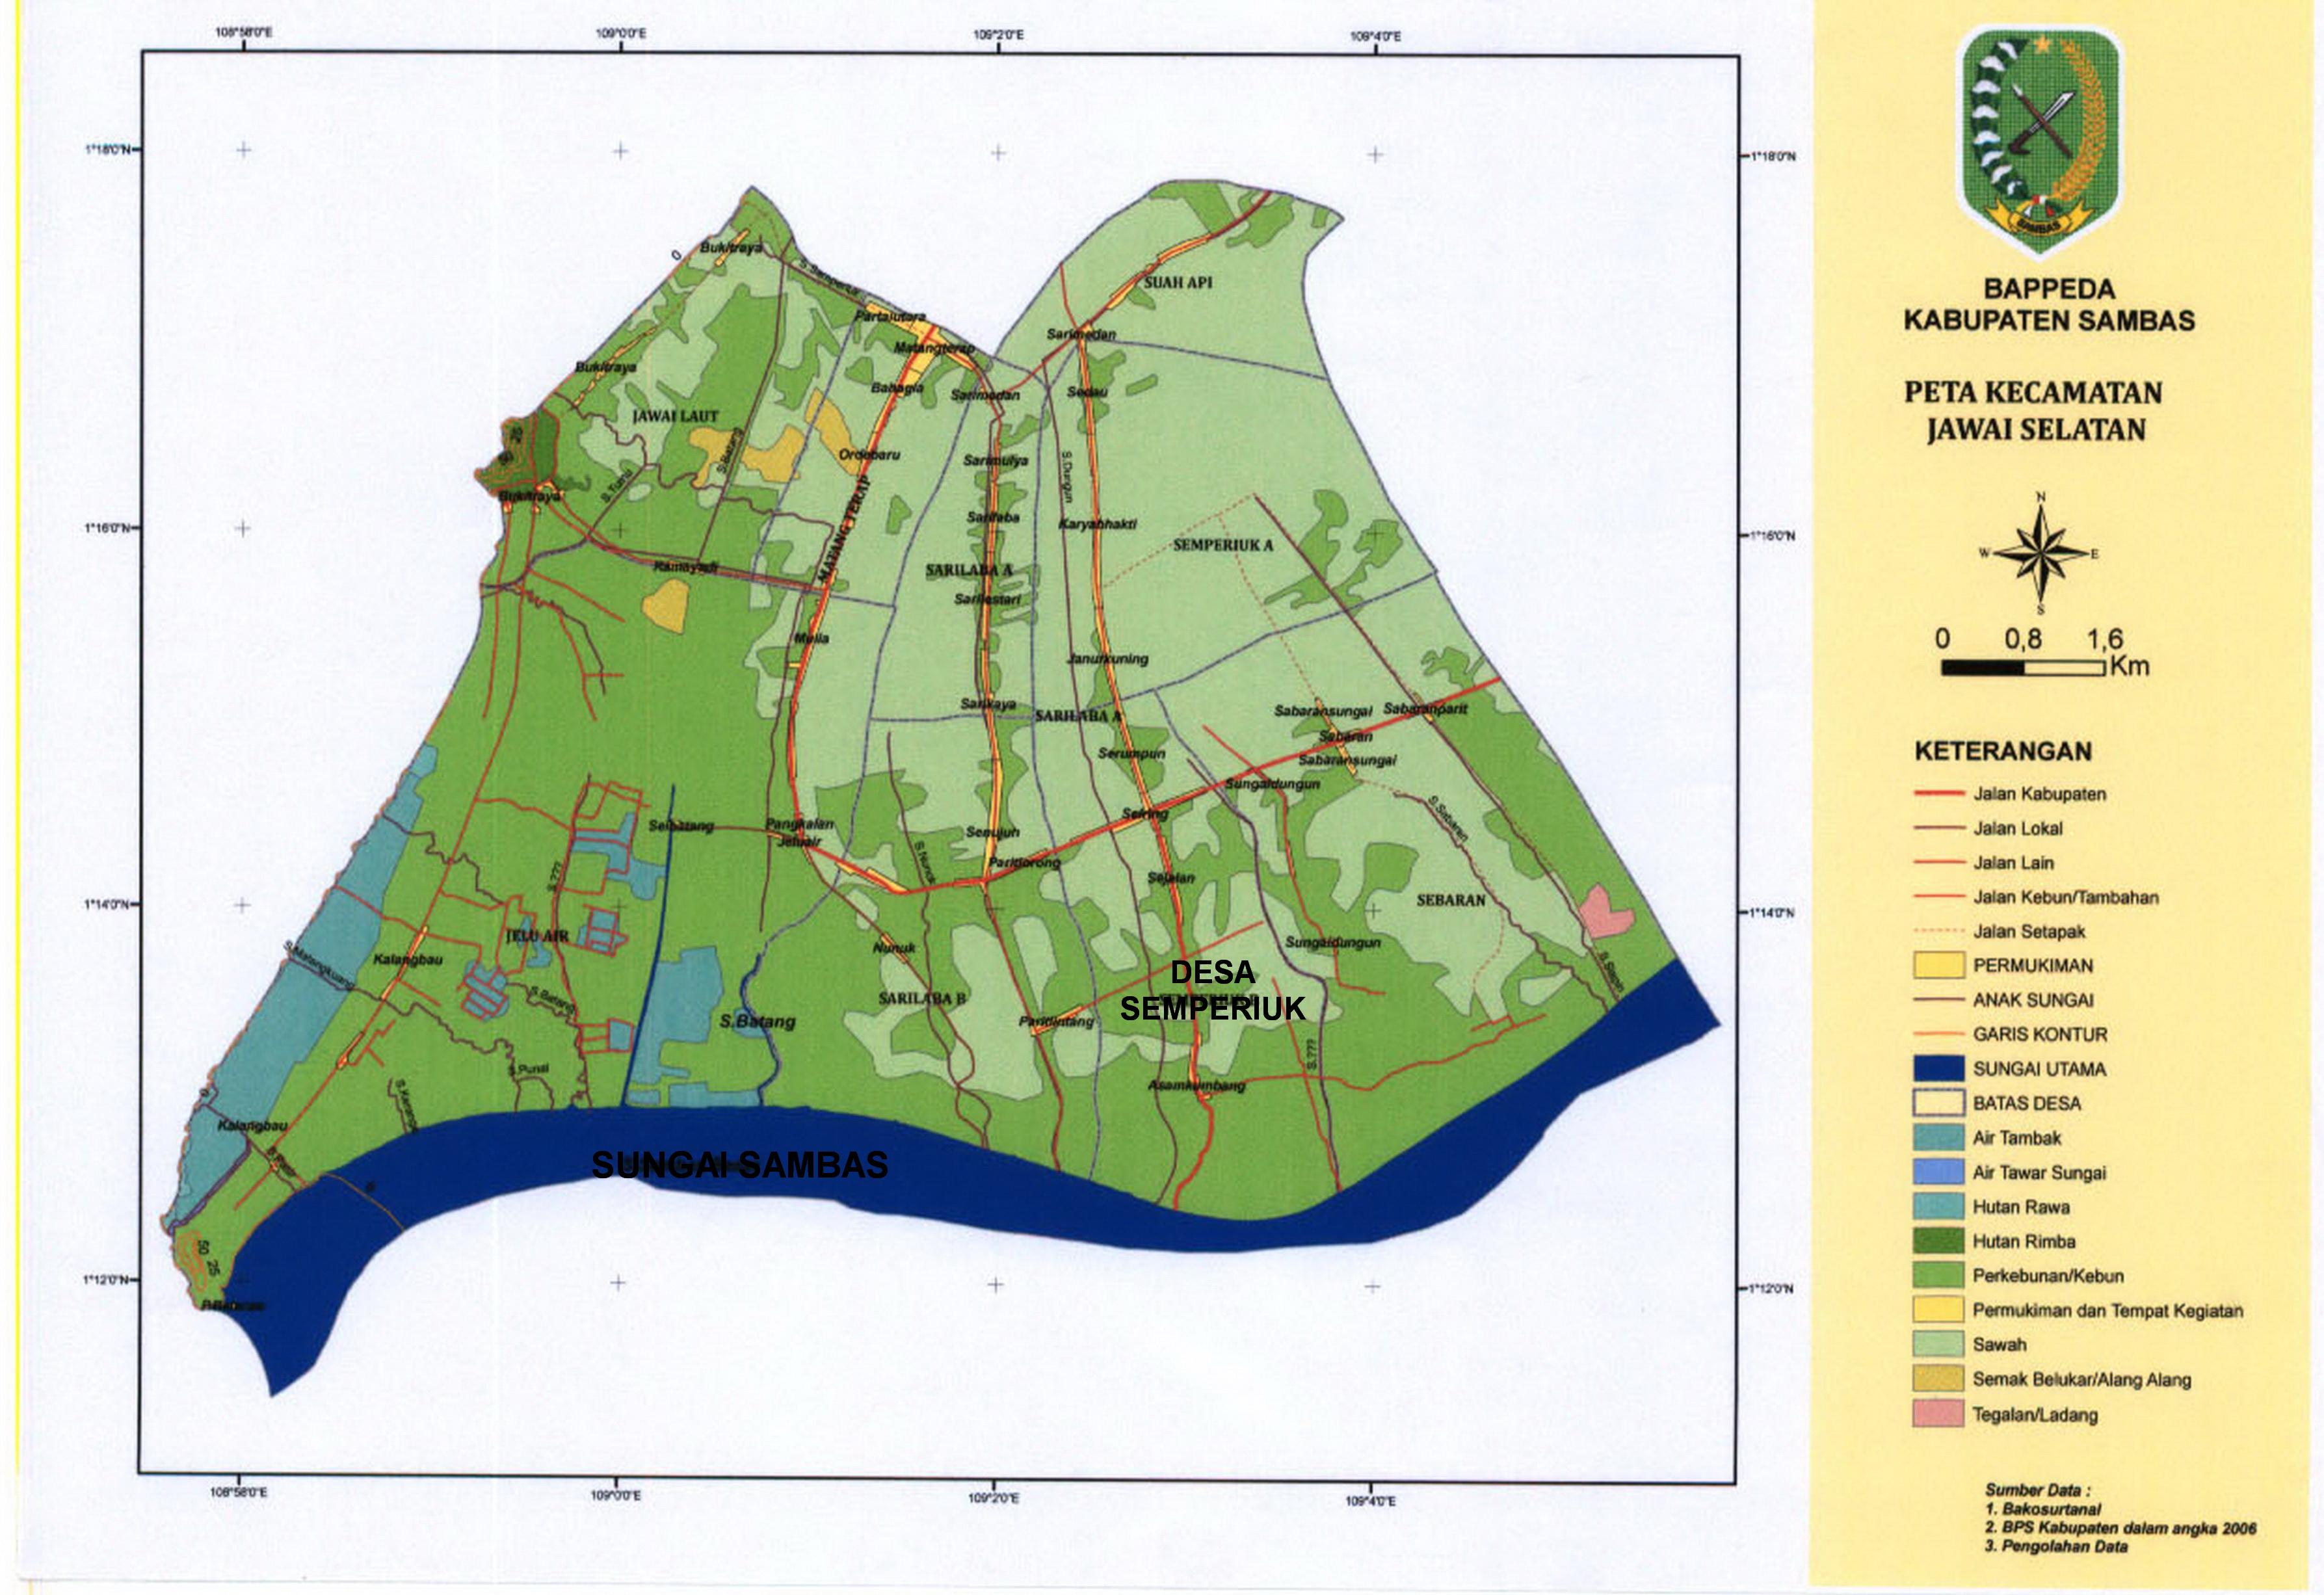 Makalah Pendapatan Daerah Provinsi Makalah Otonomi Daerah Riantoivanskyblogspot Pemanfaatan Aliran Sungai Untuk Usaha Budidaya Ikan Nila Gesit